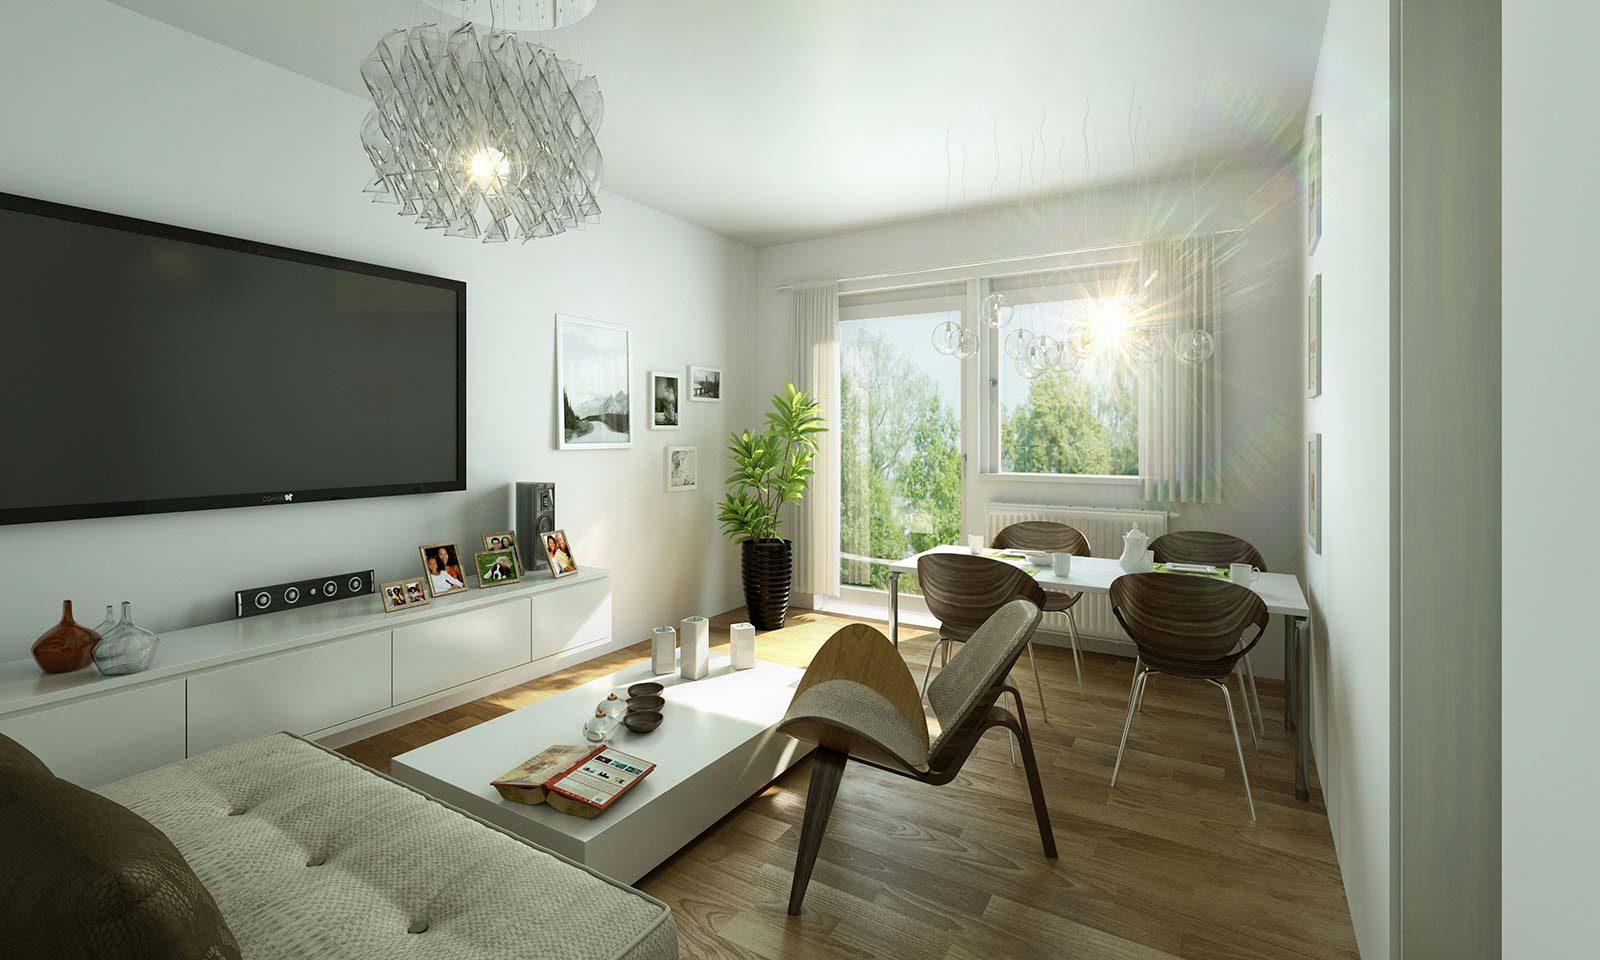 MWG Wohnzimmer - Architekturvisualisierung Innenraum